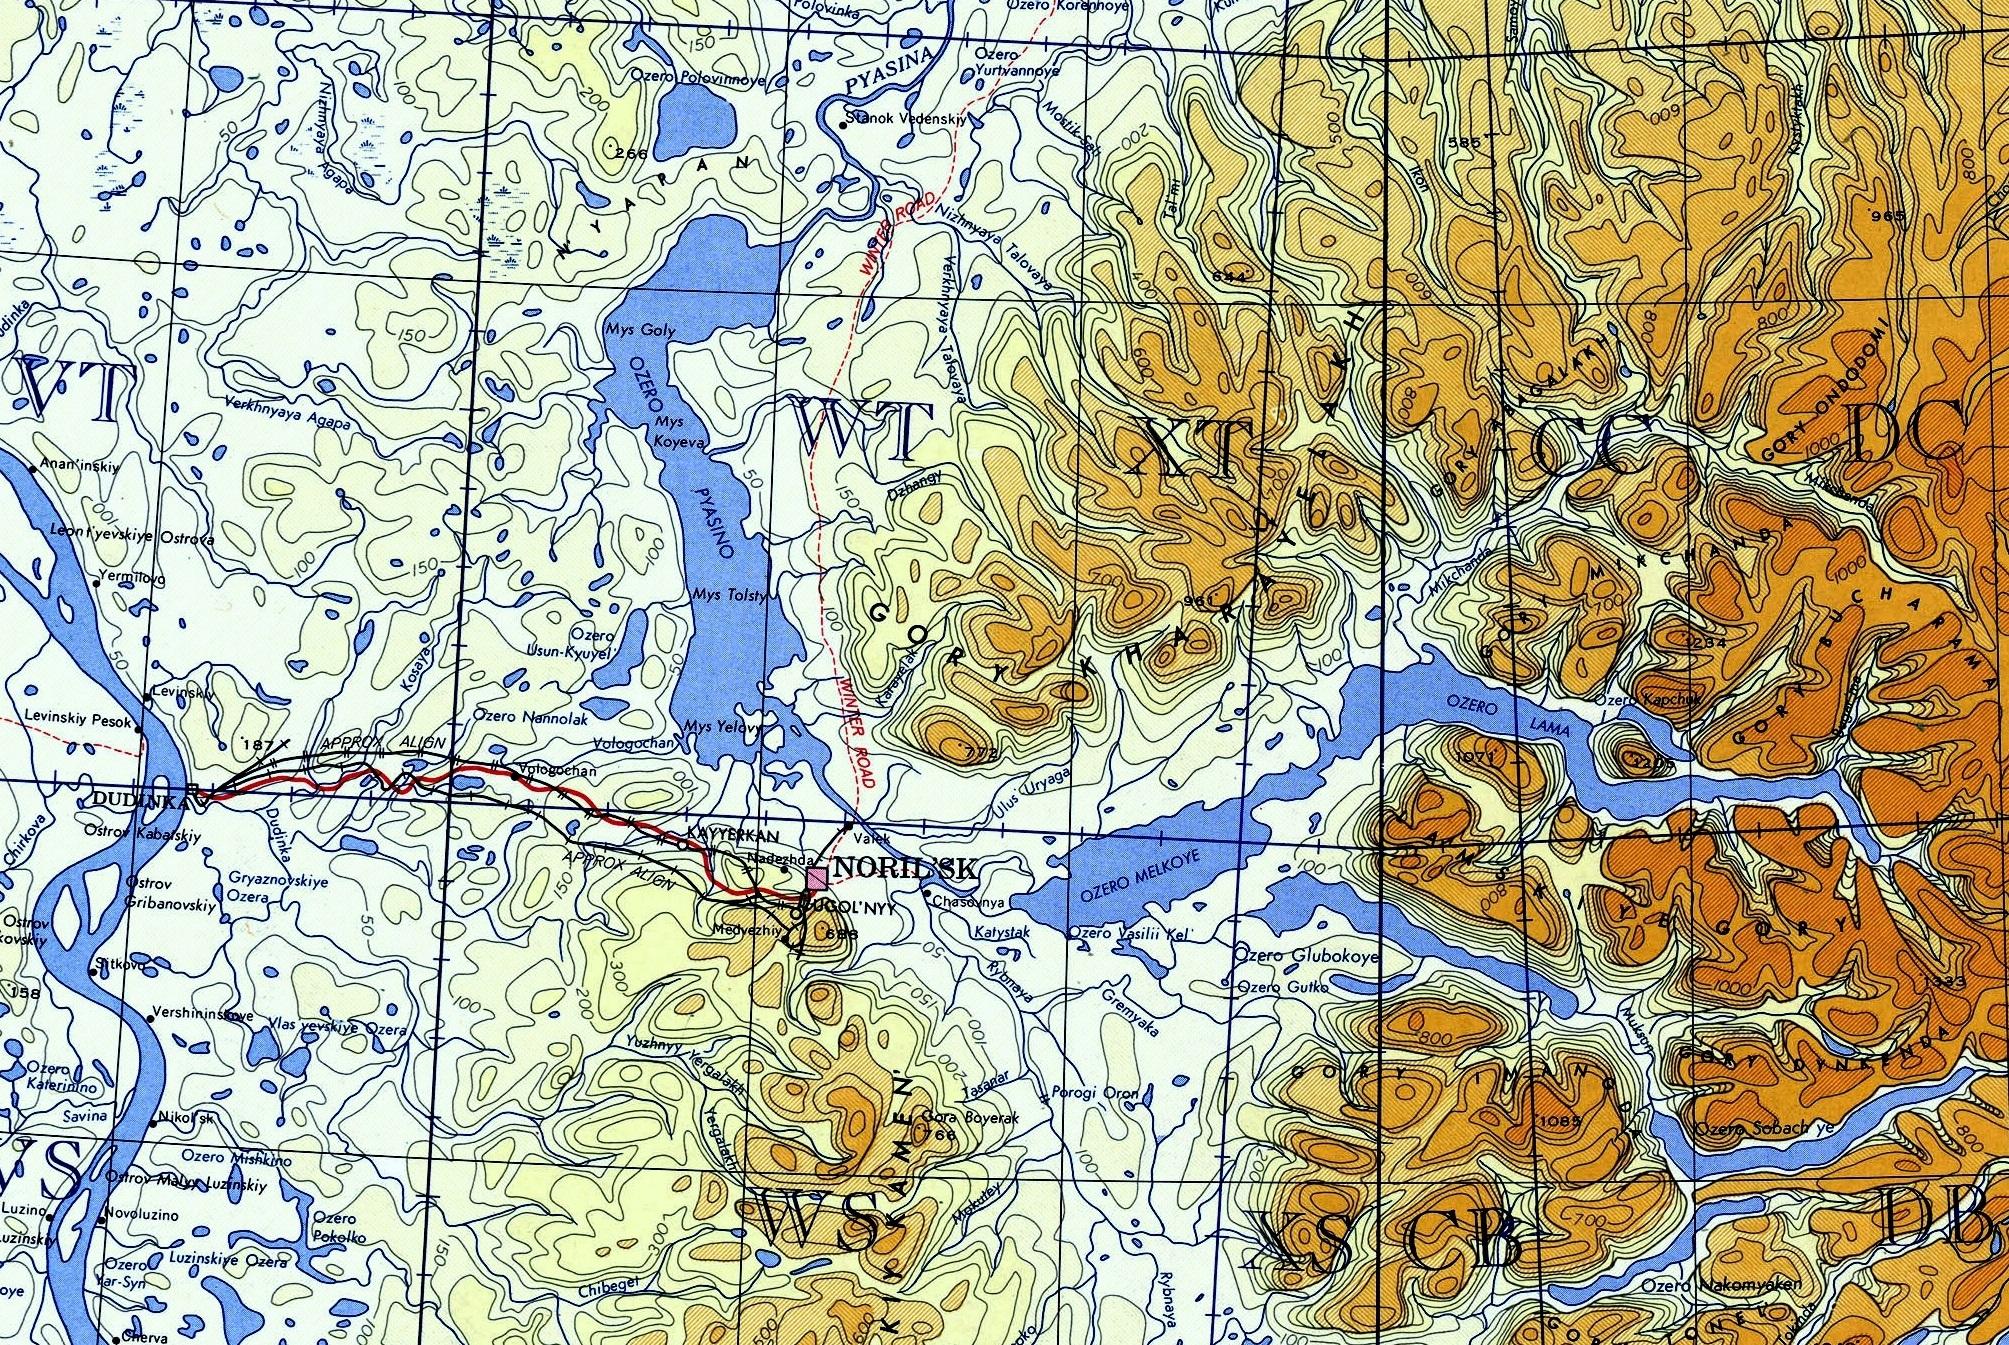 1964 Норильск США карта — копия.jpg